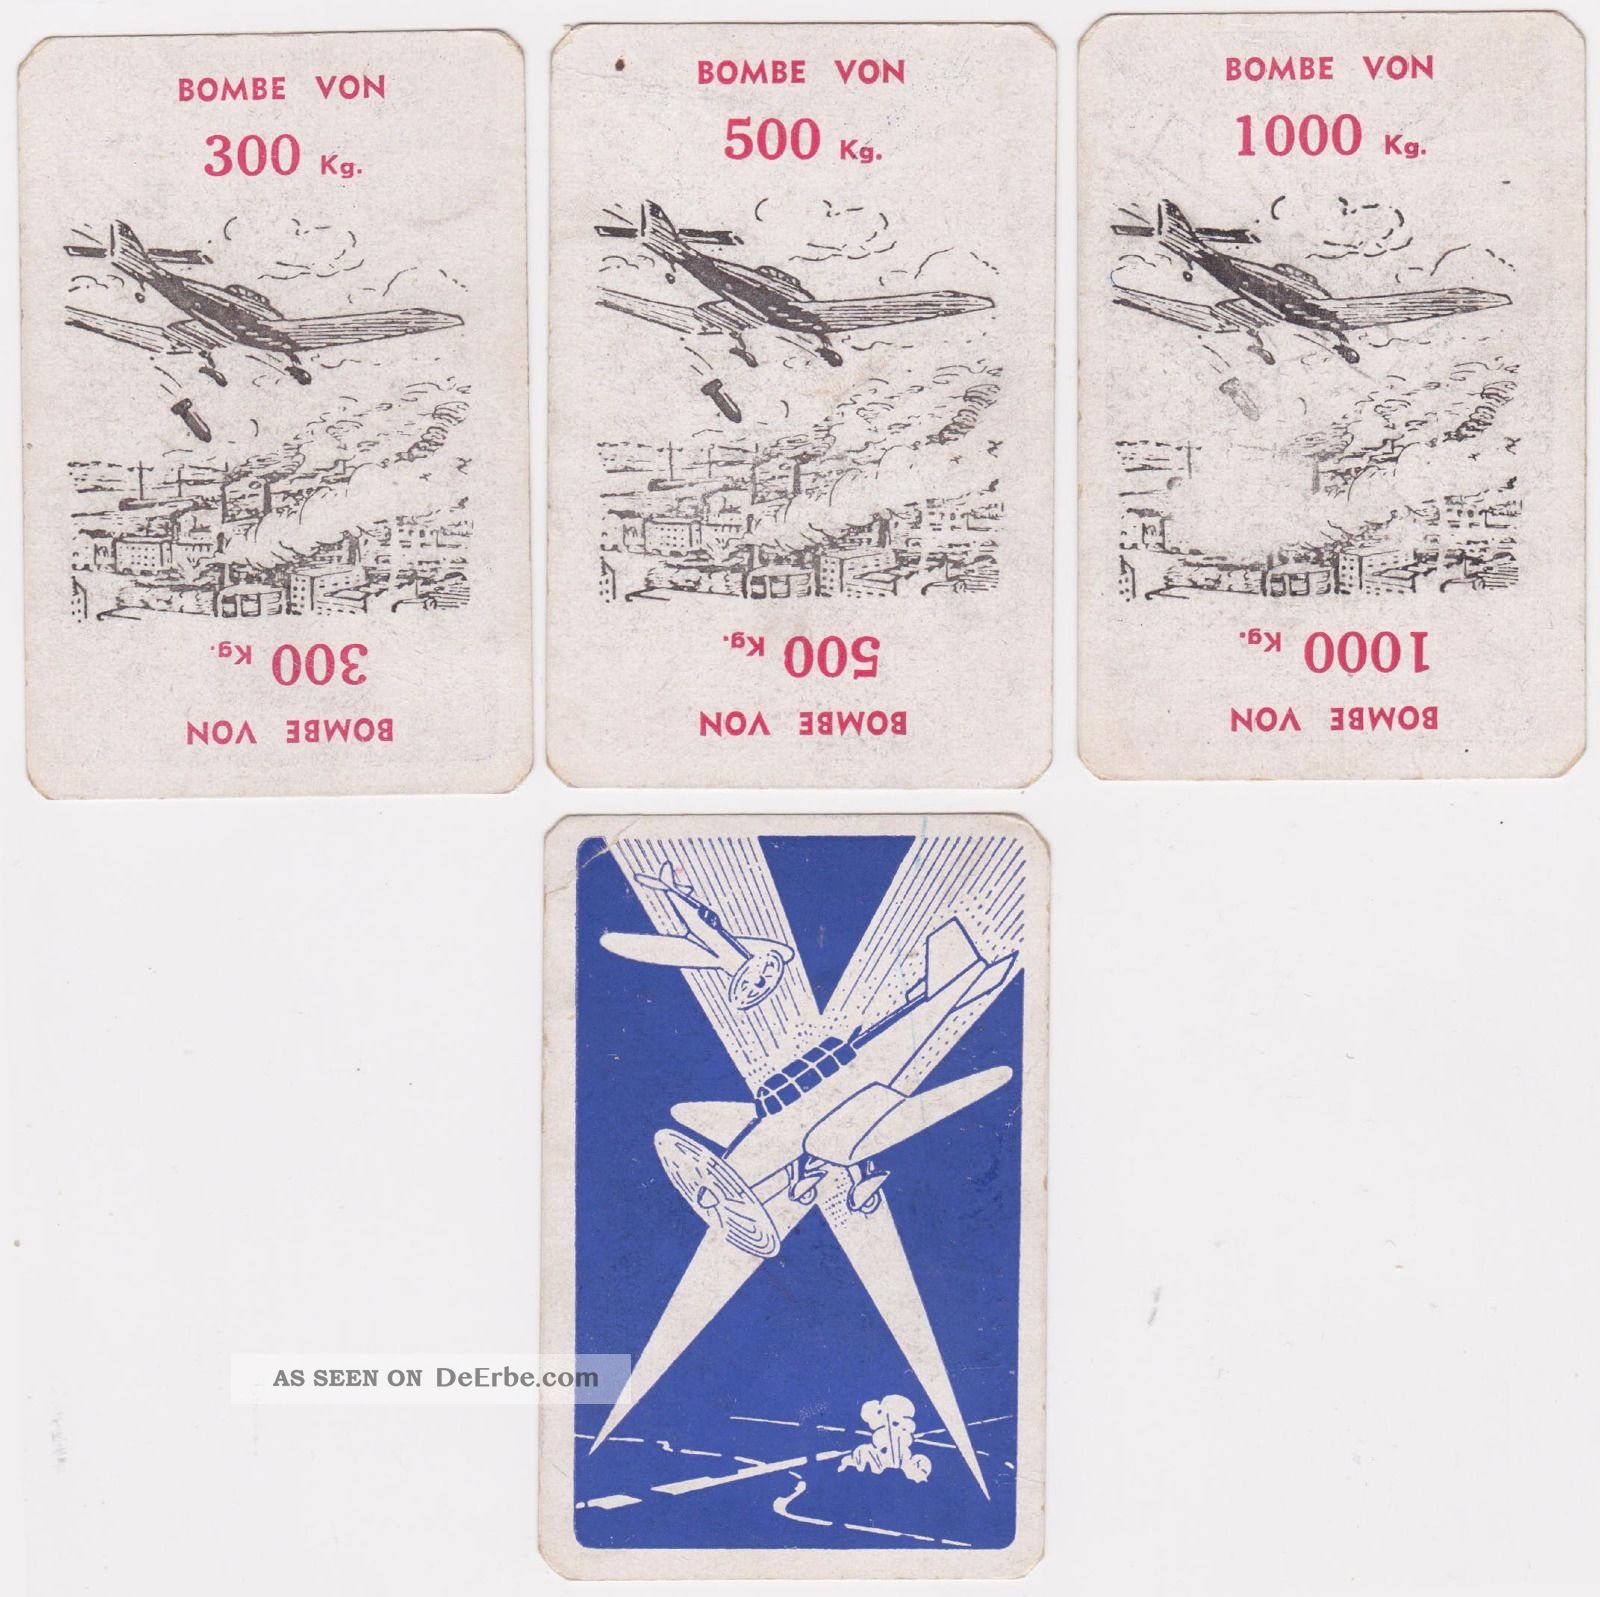 Luftgefechtspiel Alarm Von Jeve 56 Karten, Komplett Mit Spielregeln